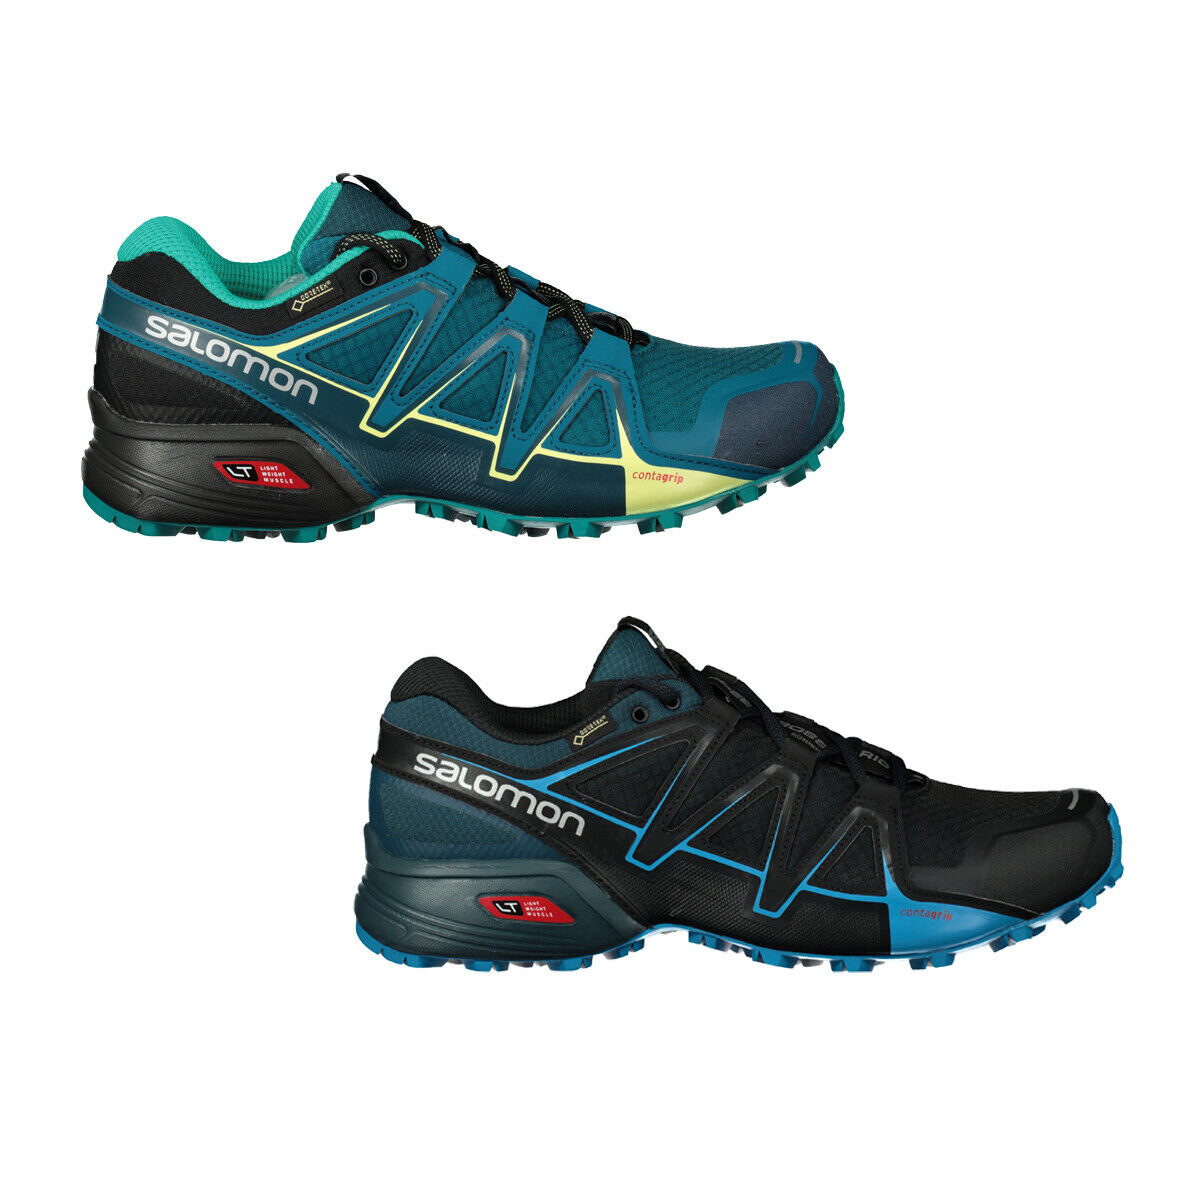 Salomon Speedcross Vario 2 GTX Damen und Herren Trailrunning Schuhe Laufschuhe